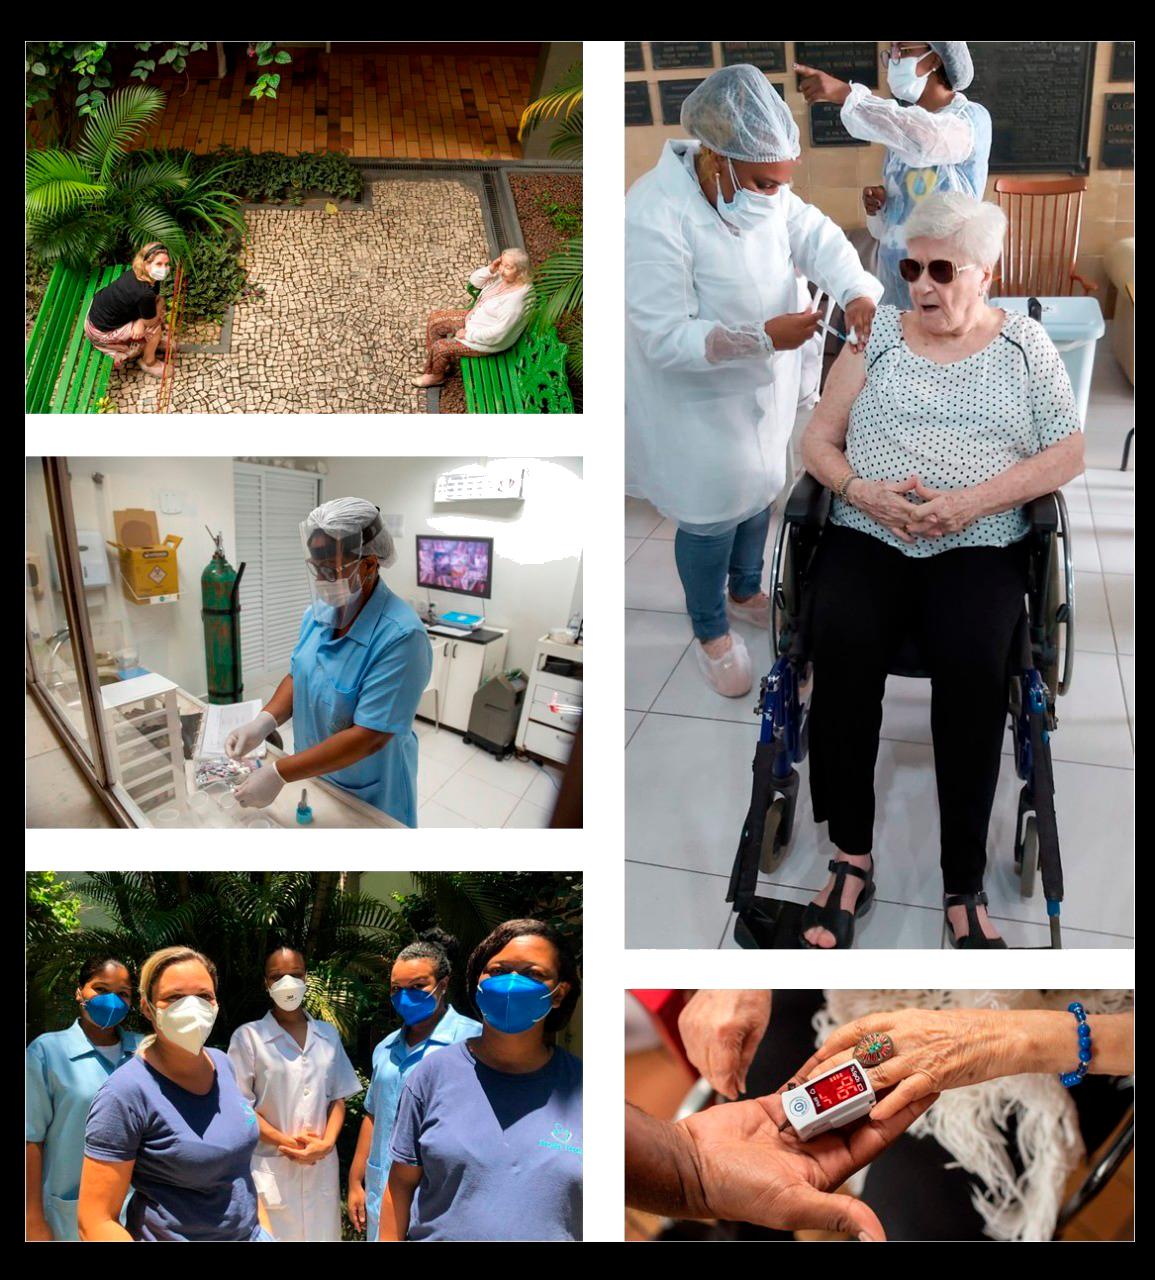 Fotos da vacinação